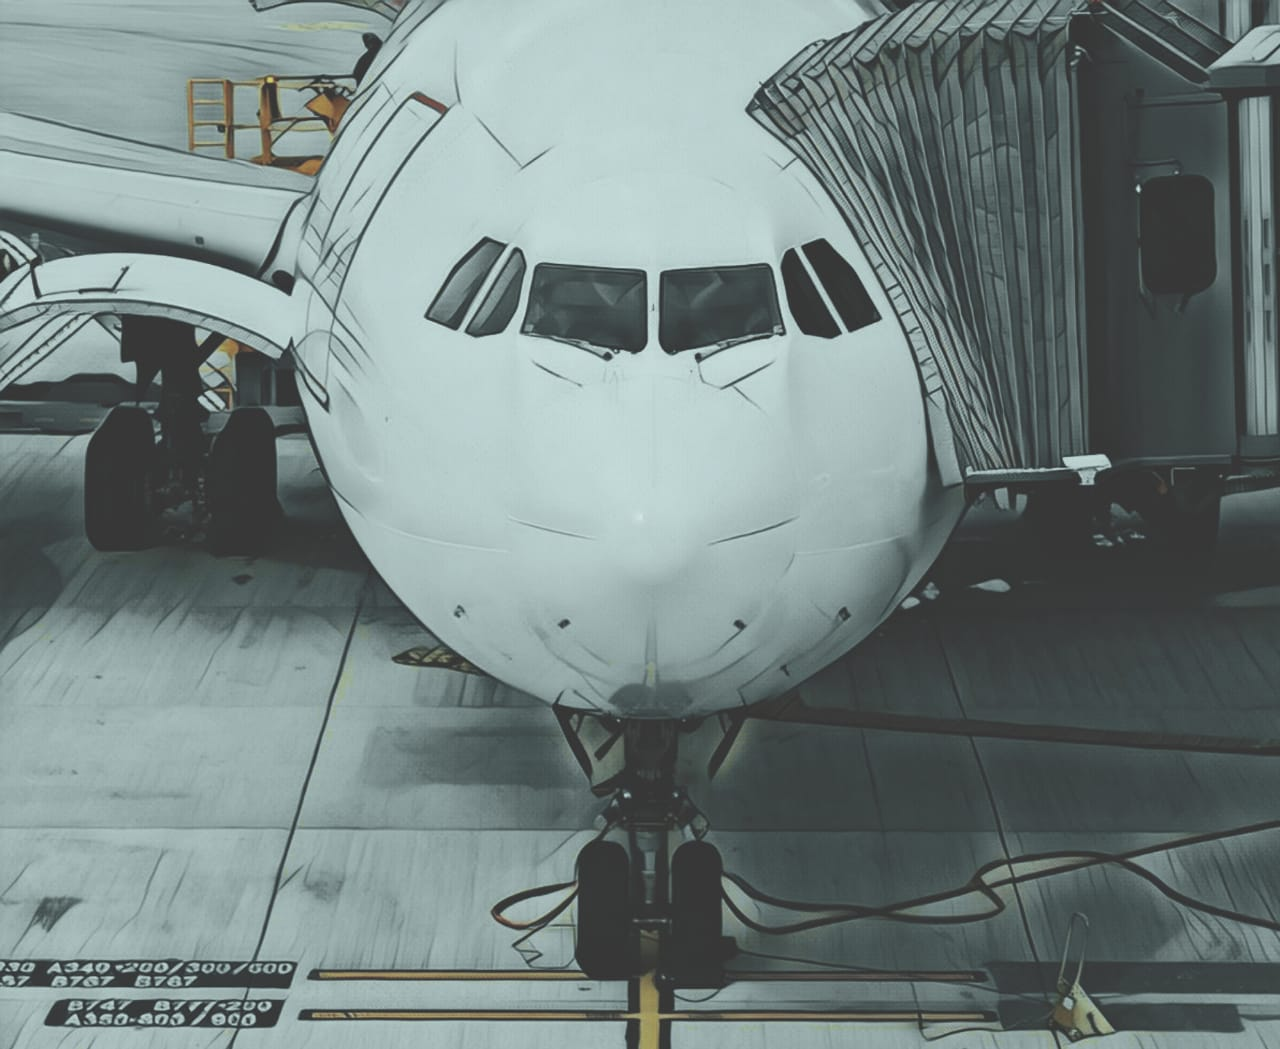 https: img.okeinfo.net content 2019 03 14 320 2030079 kemenhub-kirim-tim-investigasi-boeing-737-max-8-di-ethiopia-o9EiOYwNXc.jpg